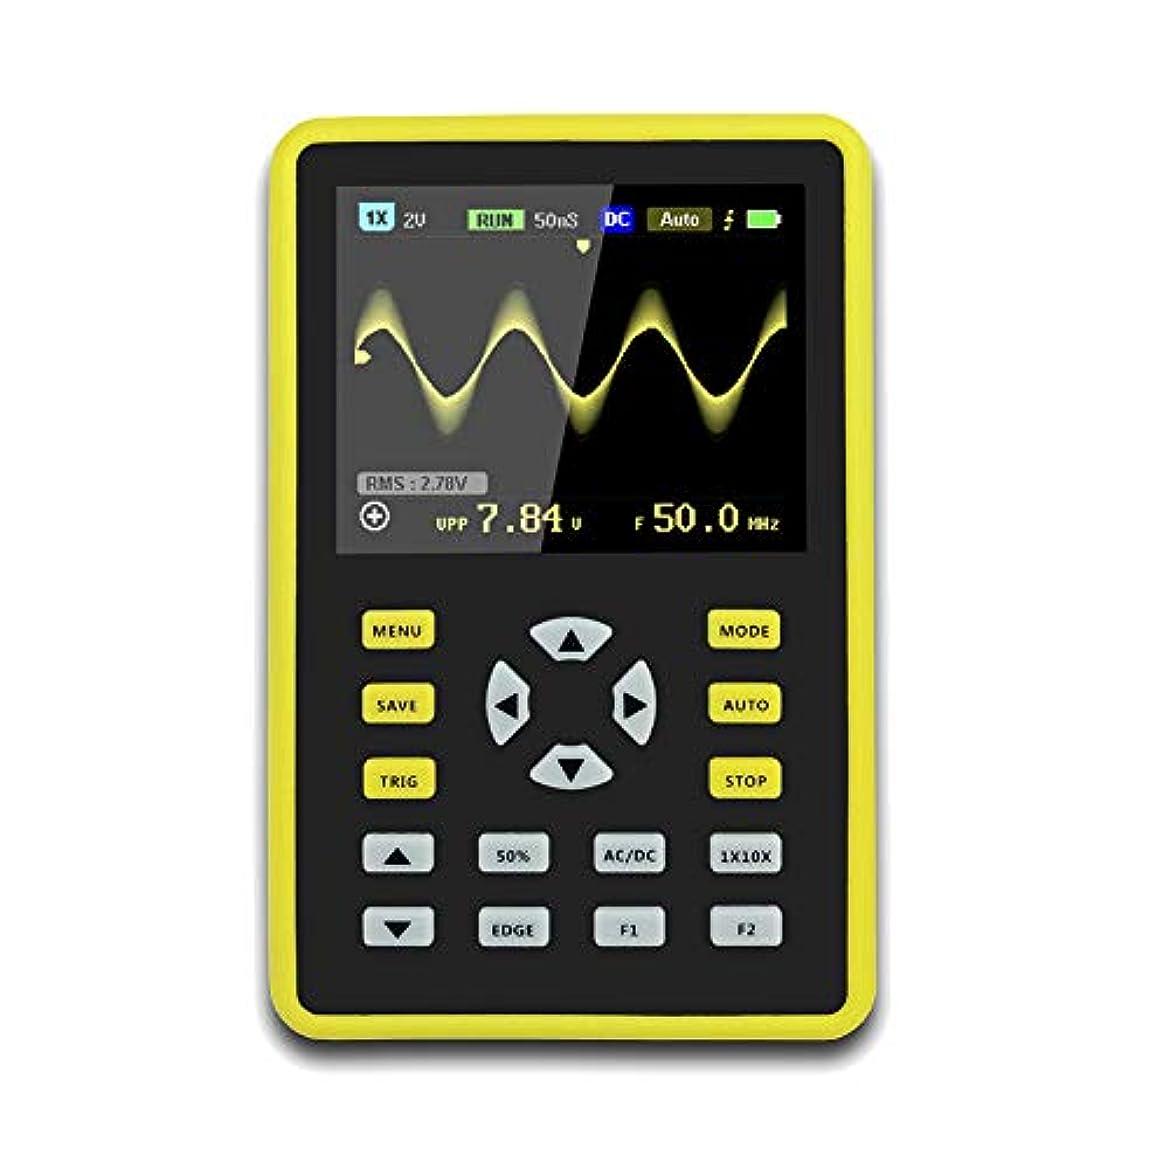 過敏な電極病なTenflyer  手持ち型デジタル小型オシロスコープ2.4インチ500 MS/s IPS LCD表示スクリーンの携帯用